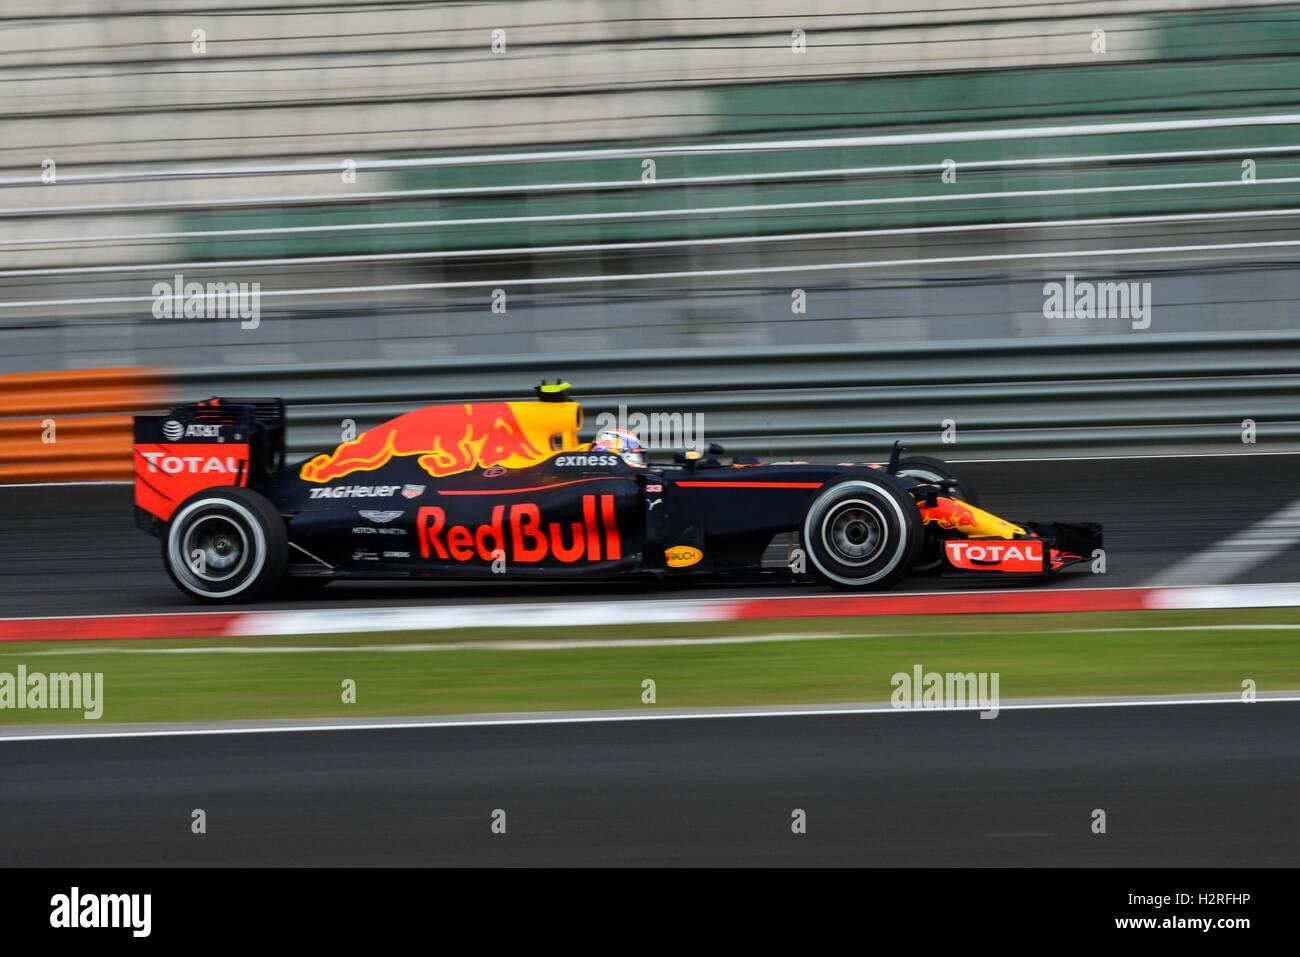 Sepang, Malasia. 1 Oct, 2016. Red Bull Racing del conductor Max Verstappen unidades durante la sesión de calificación Foto de stock